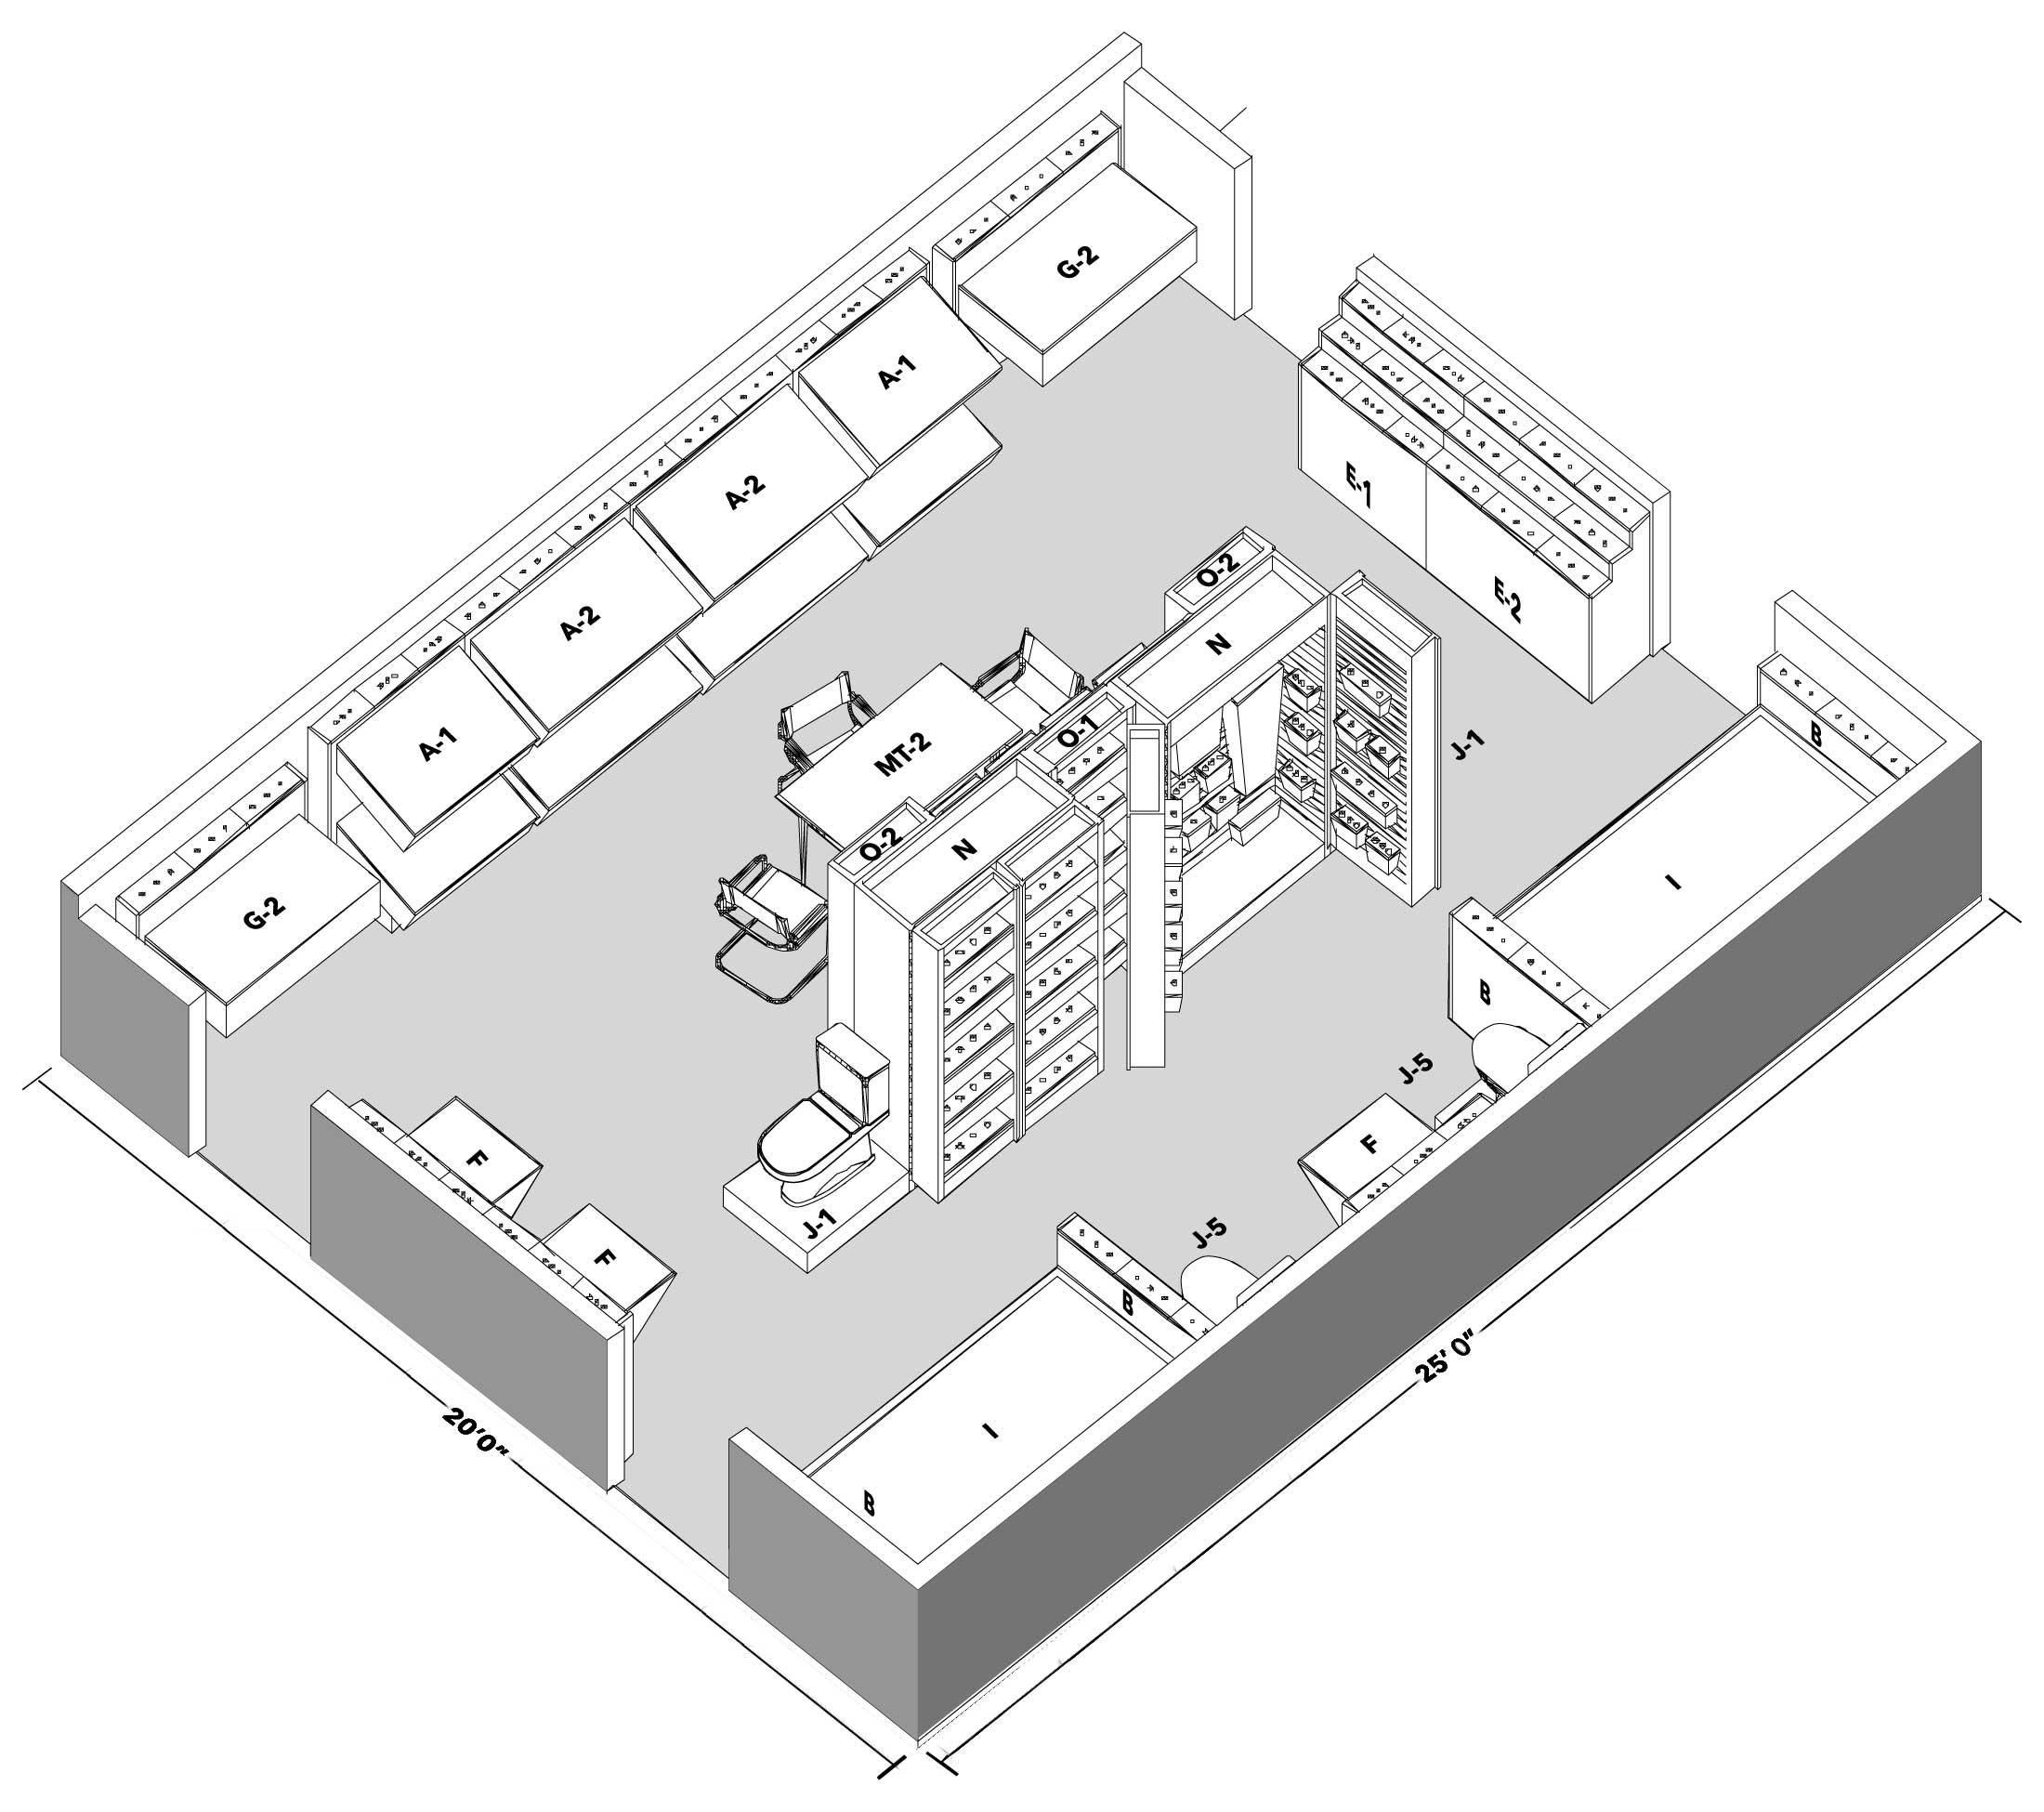 David Hawkins Design Aspire Showroom Floor Plans